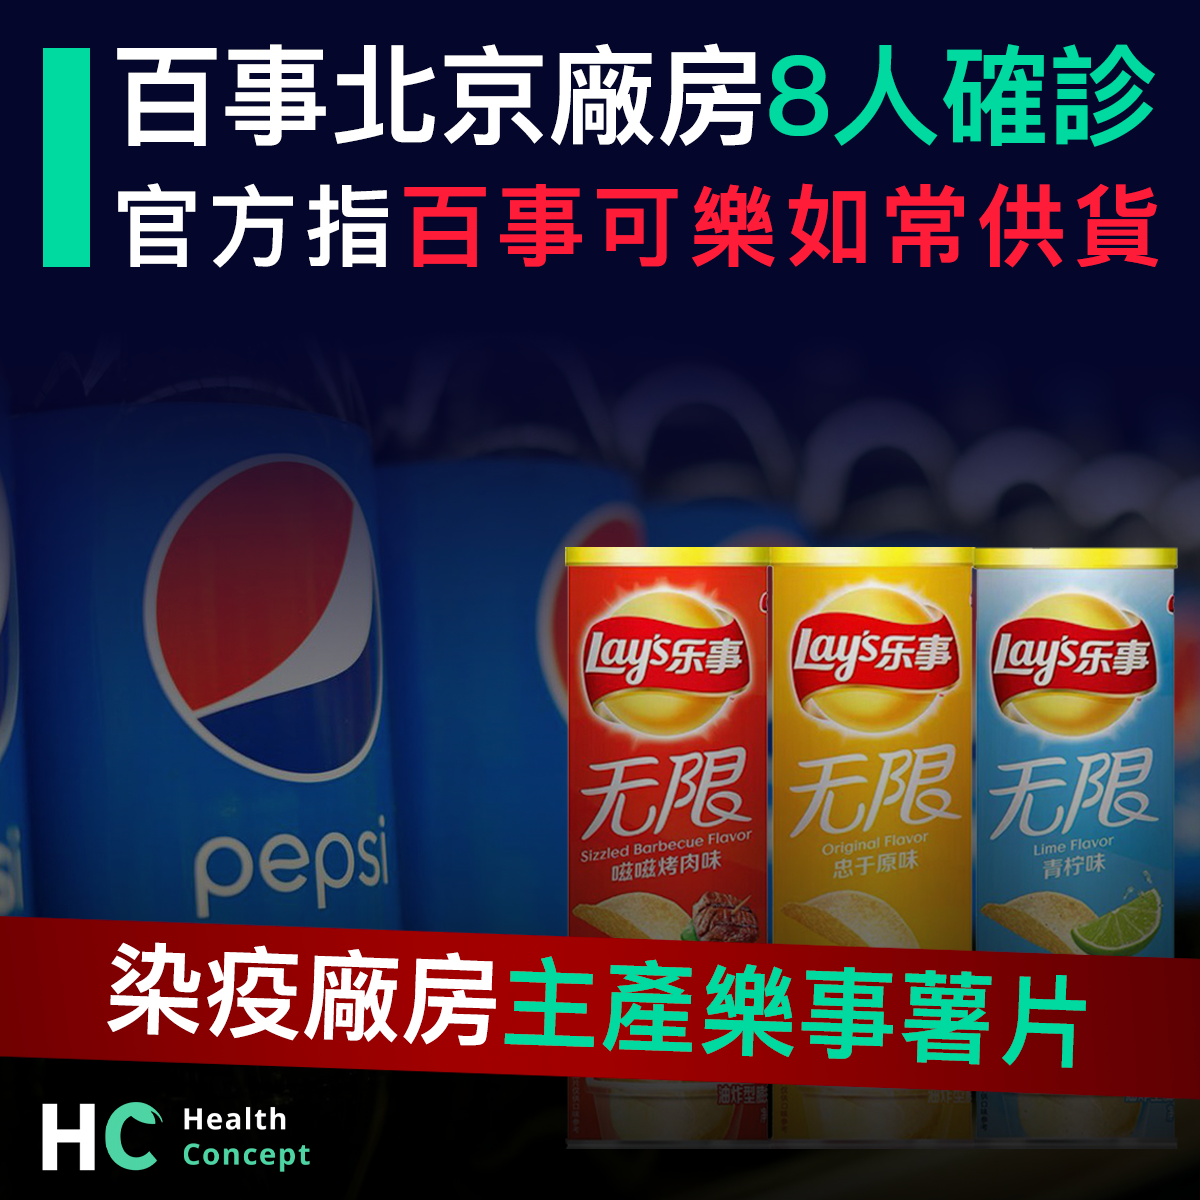 【#新型肺炎】百事北京廠房8人確診可樂如常供貨 染疫廠房主產樂事薯片